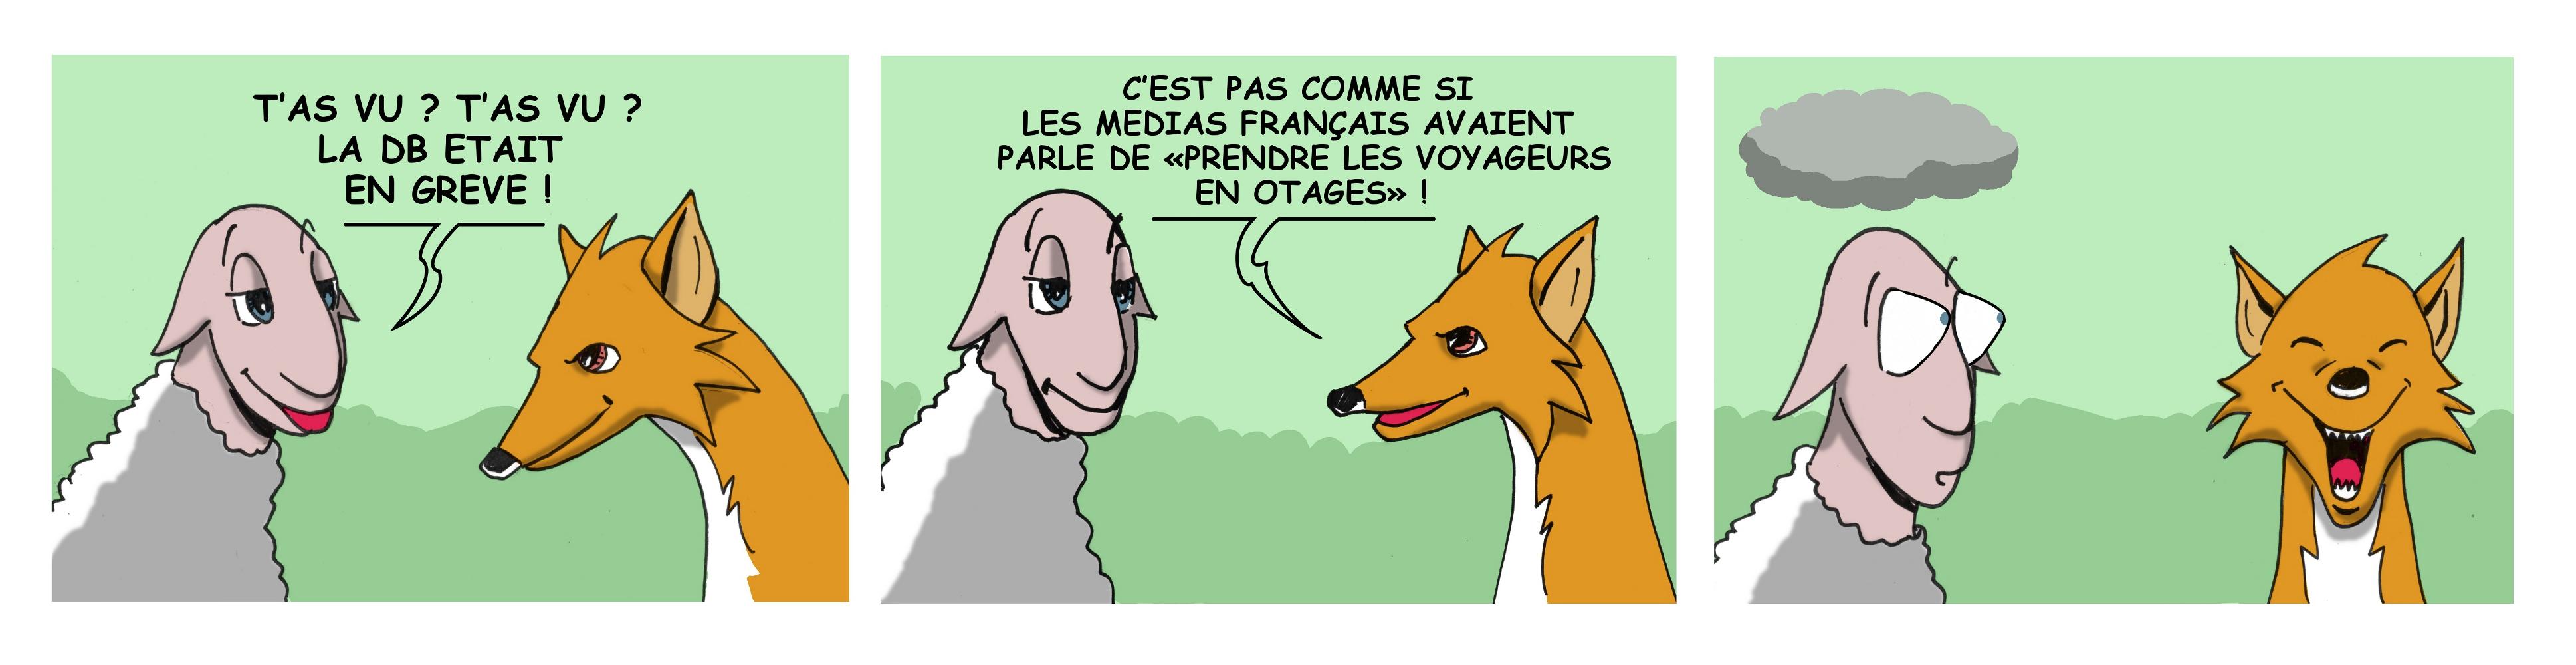 Bébête et Goupil croquent l'actualité